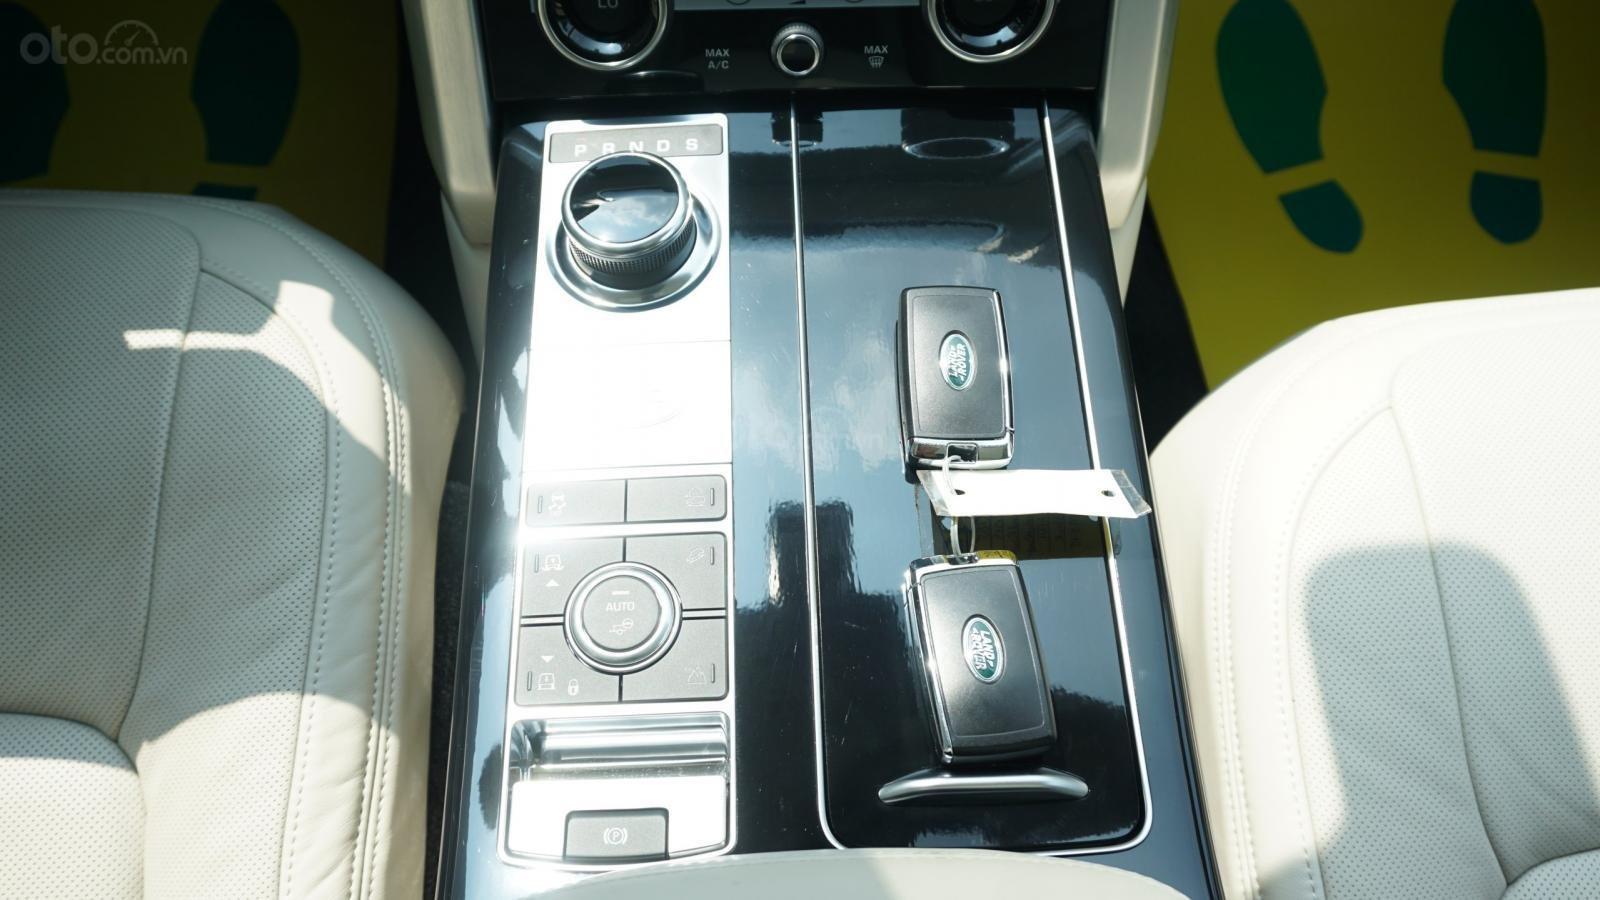 Range Rover Autobiography LWB 2020, Hồ Chí Minh, giá tốt giao xe ngay toàn quốc, LH trực tiếp 0844.177.222 (8)